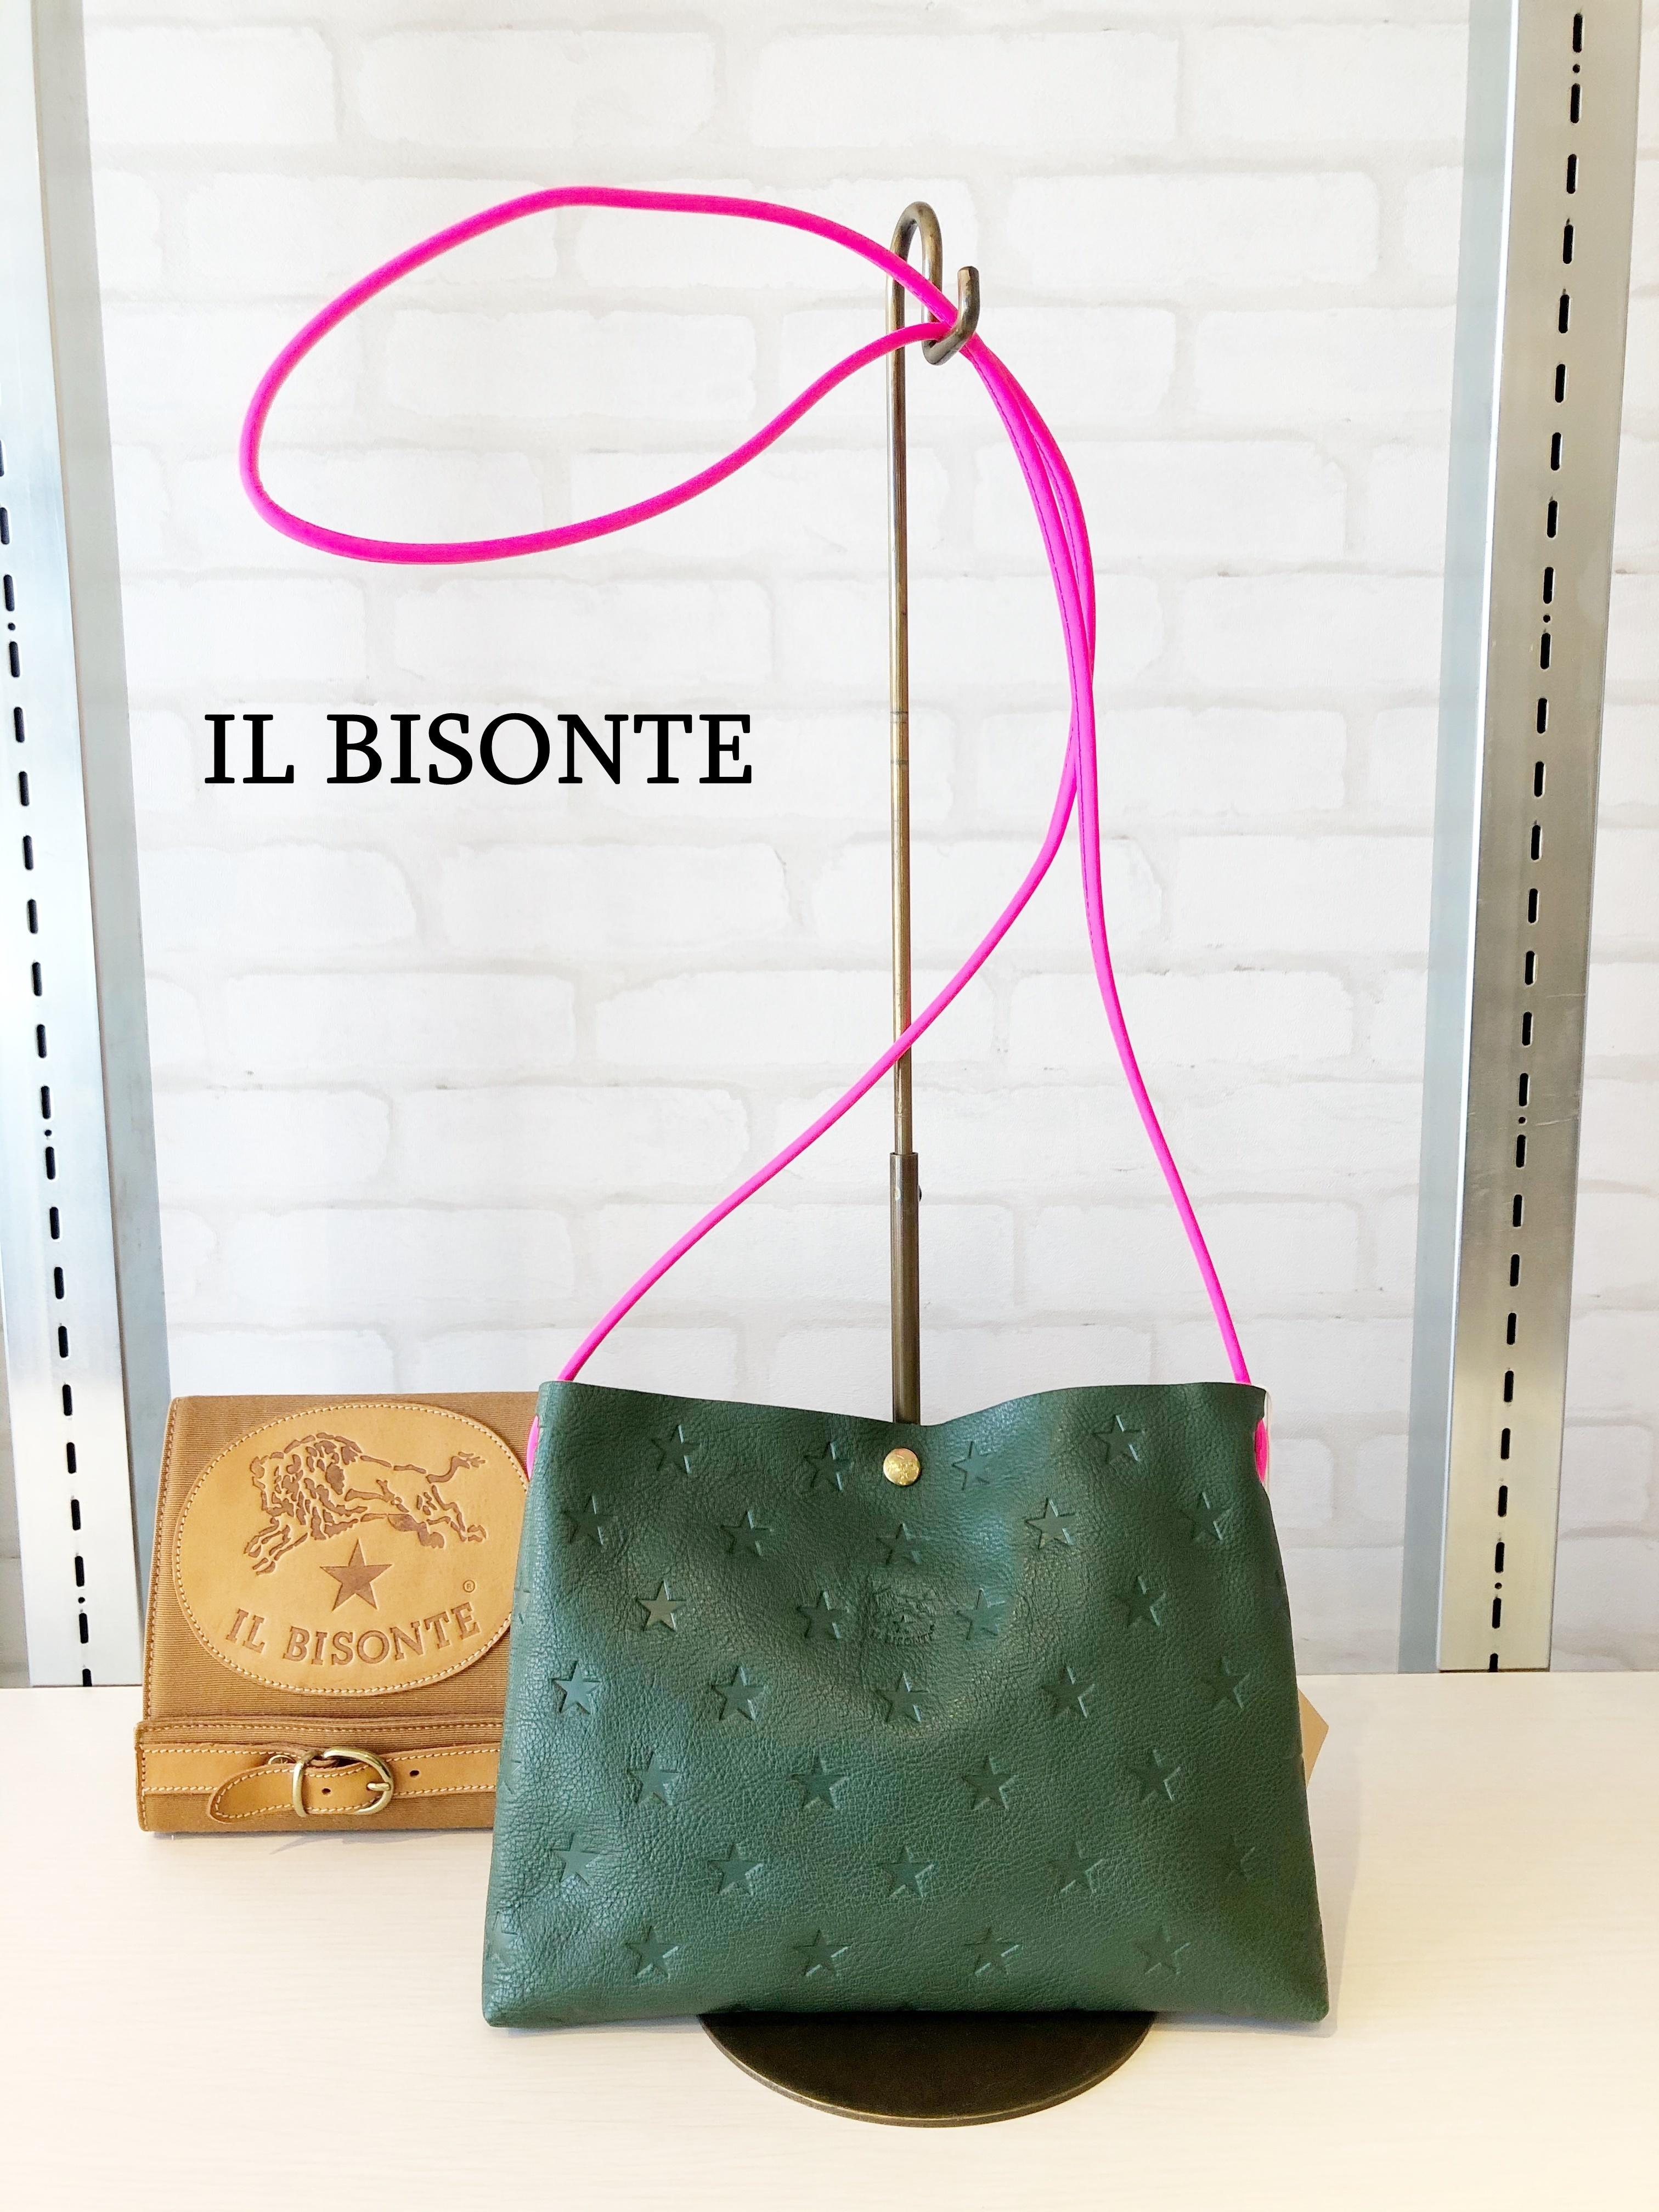 【日本限定】IL BISONTE(イルビゾンテ)/ショルダーバッグ/04211(グリーン)